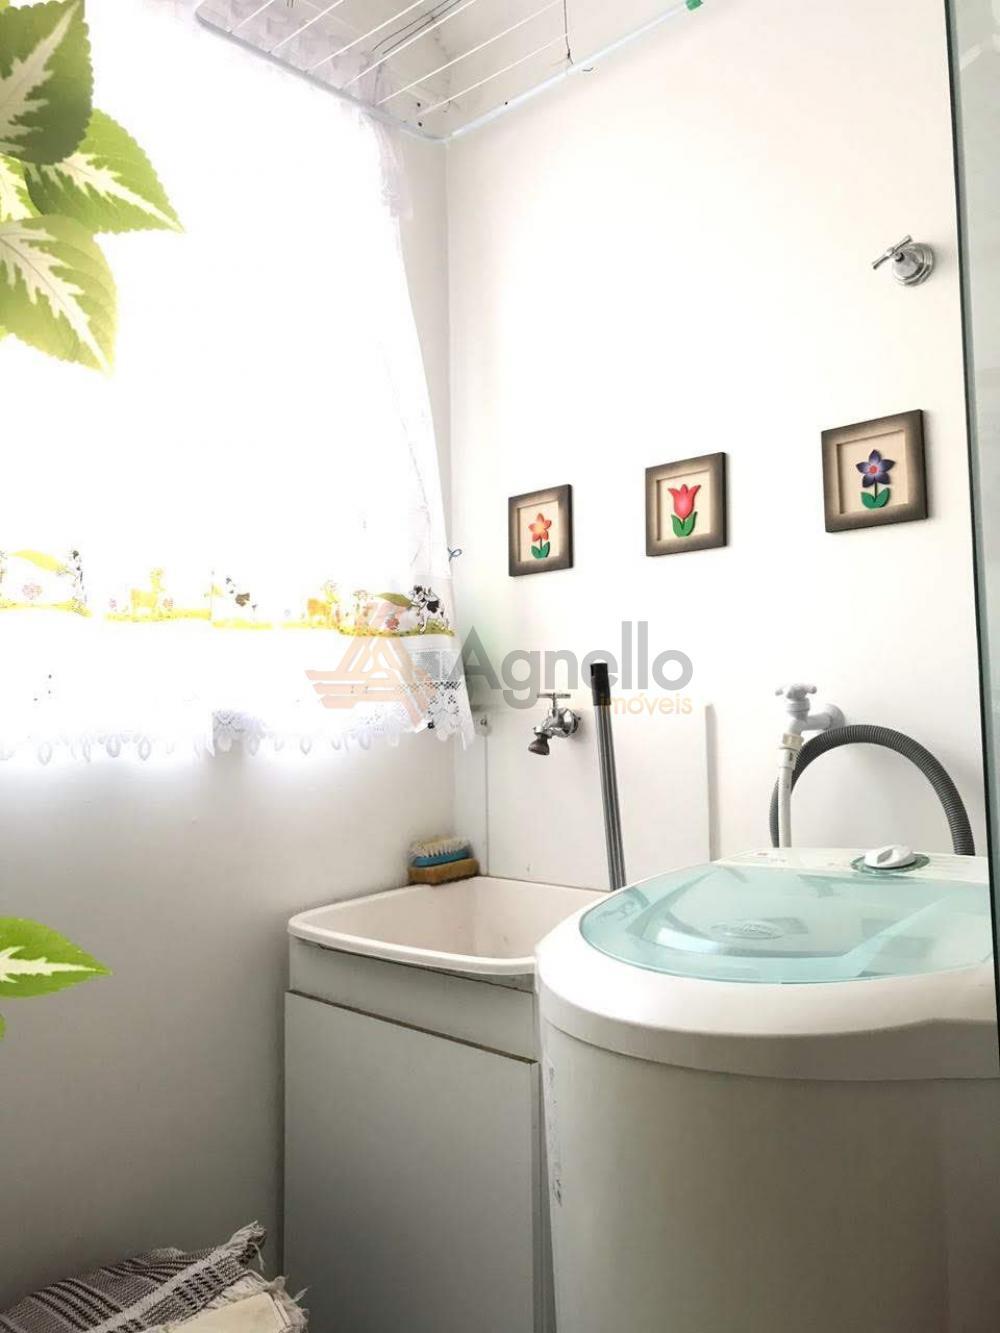 Comprar Apartamento / Padrão em Franca apenas R$ 155.000,00 - Foto 9